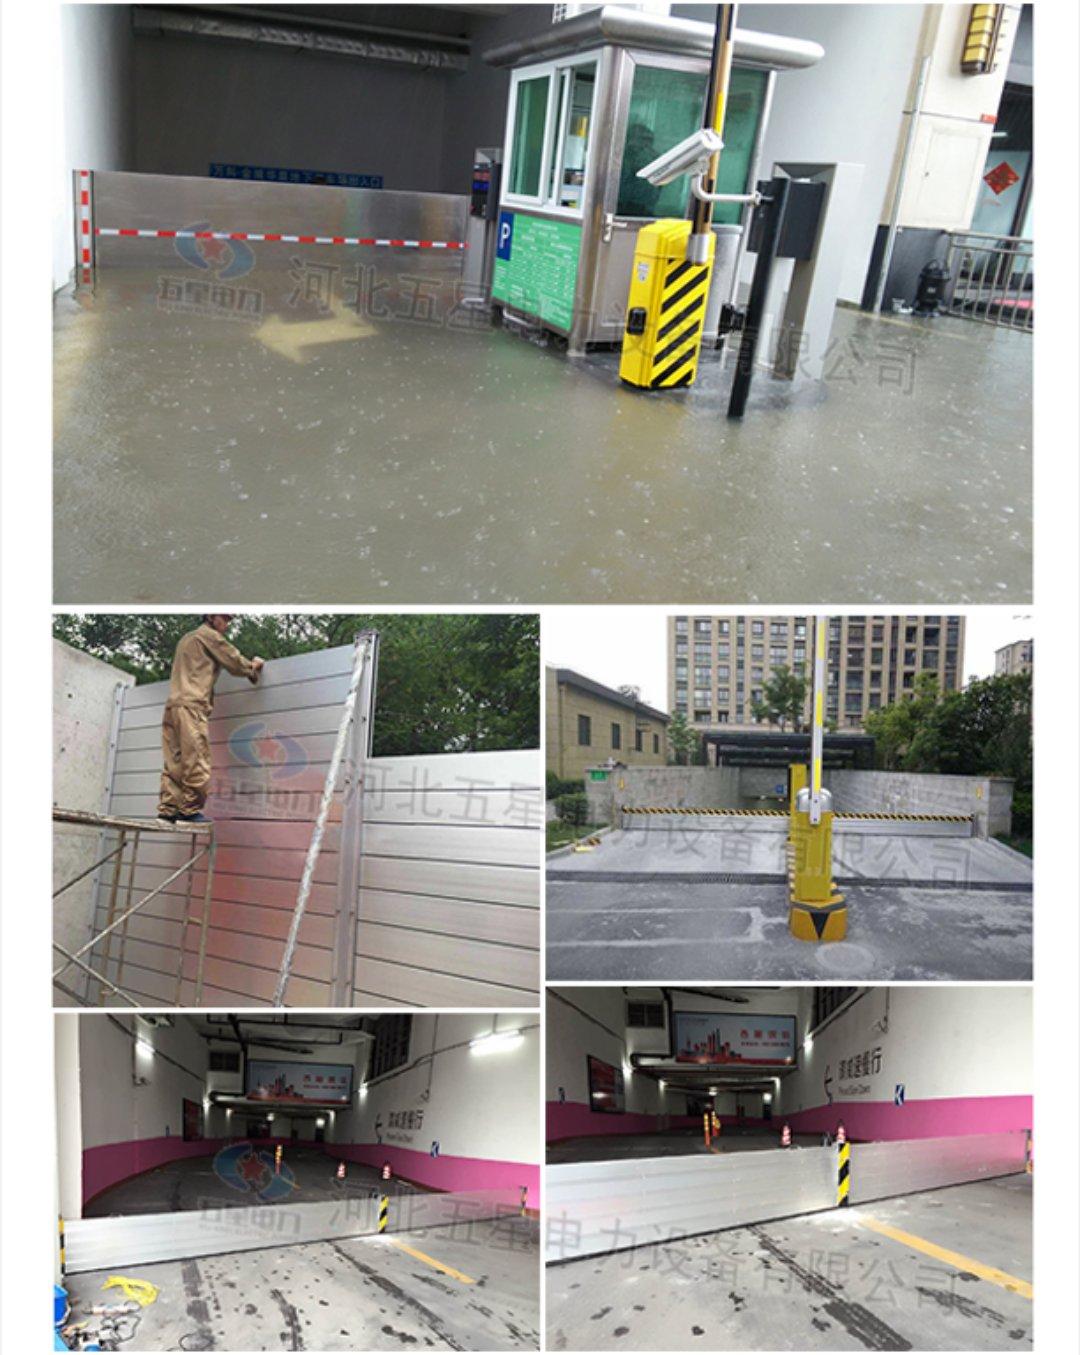 双流机场地库挡水板 S铝合金防洪防淹挡水板